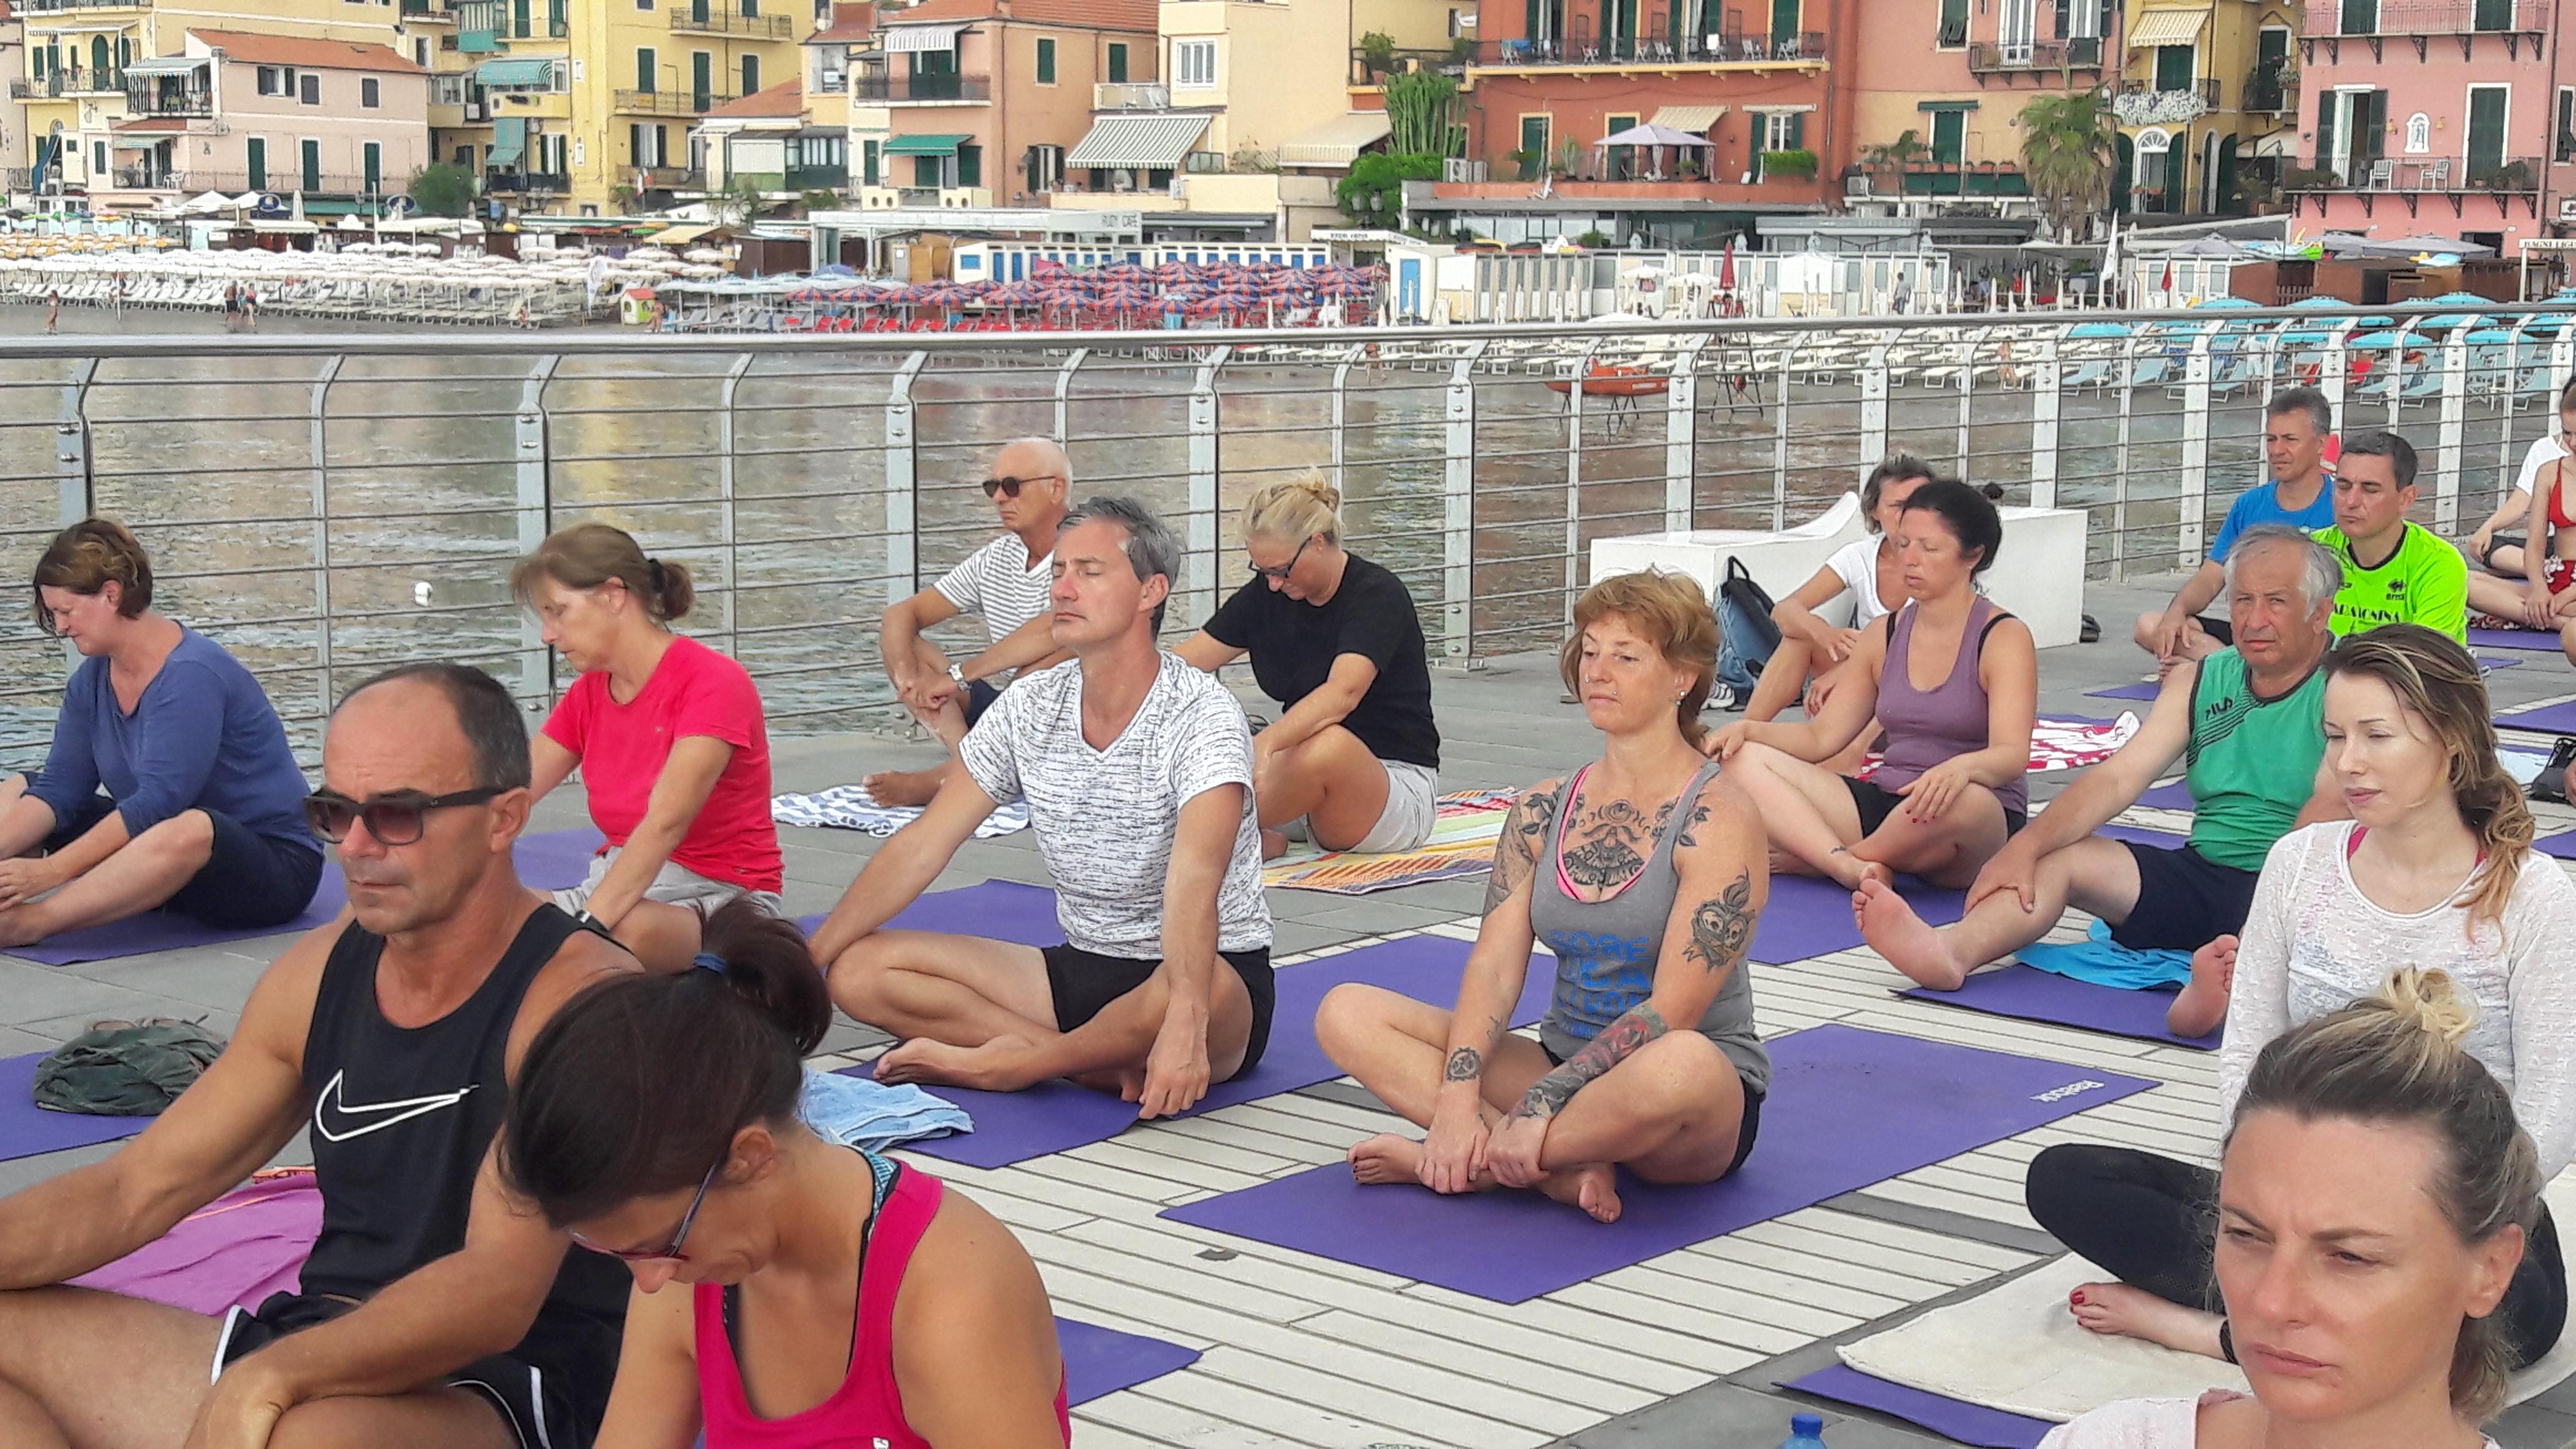 essere-free-yoga-gratuito-benessere-per-tutti-village-citta-alassio-estate-lucia-ragazzi-summer-town-wellness-46